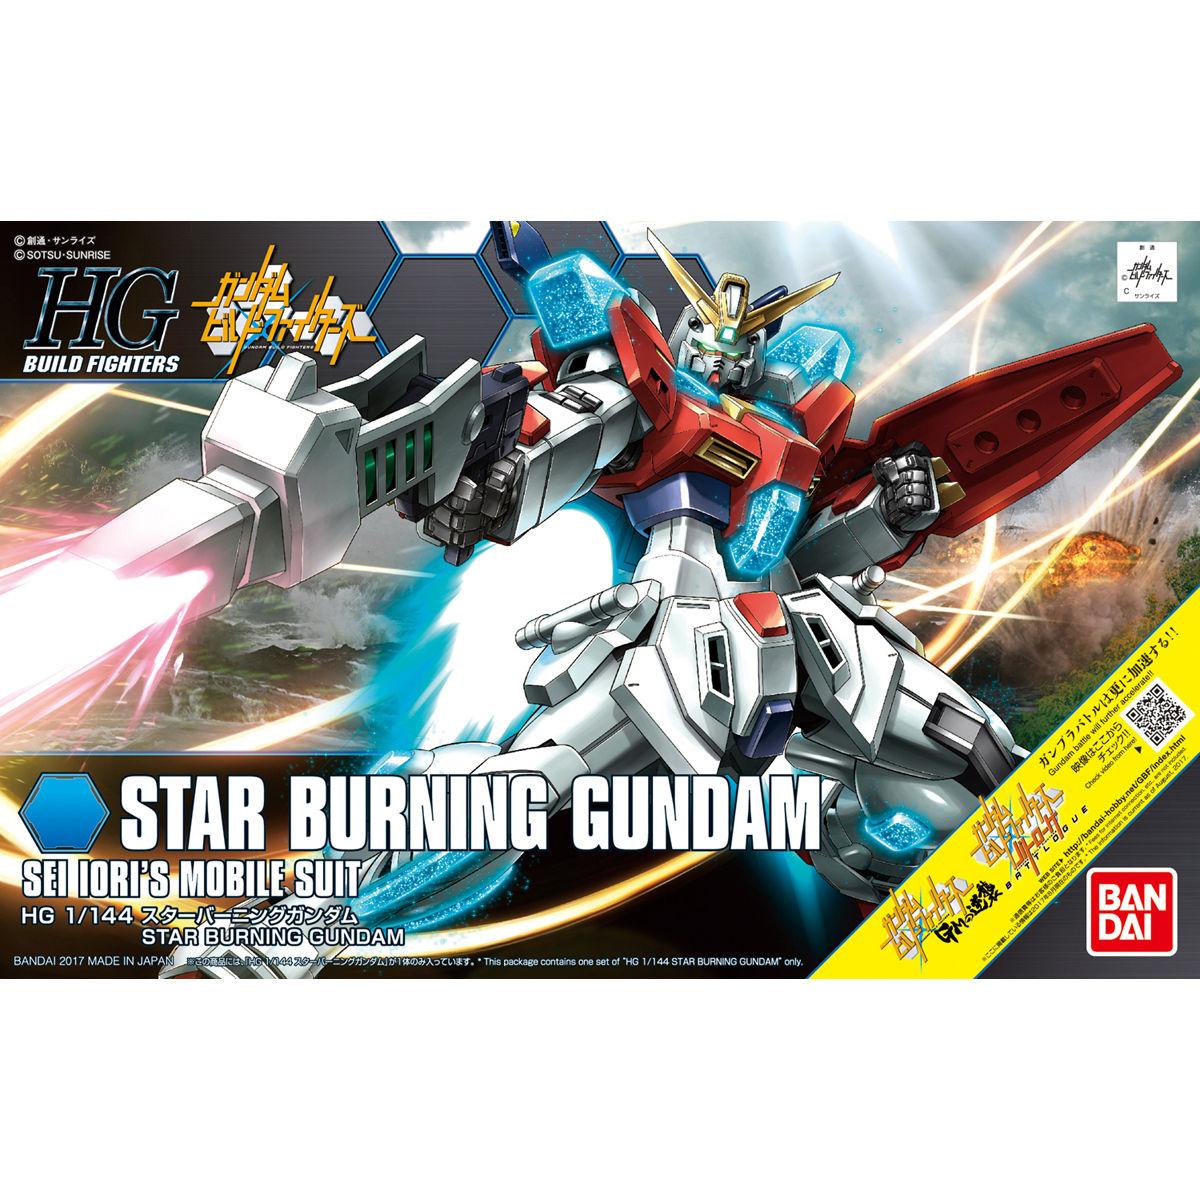 【雷殿】万代 HGBF 058 创战者 新OVA GM的逆袭 星际燃焰高达